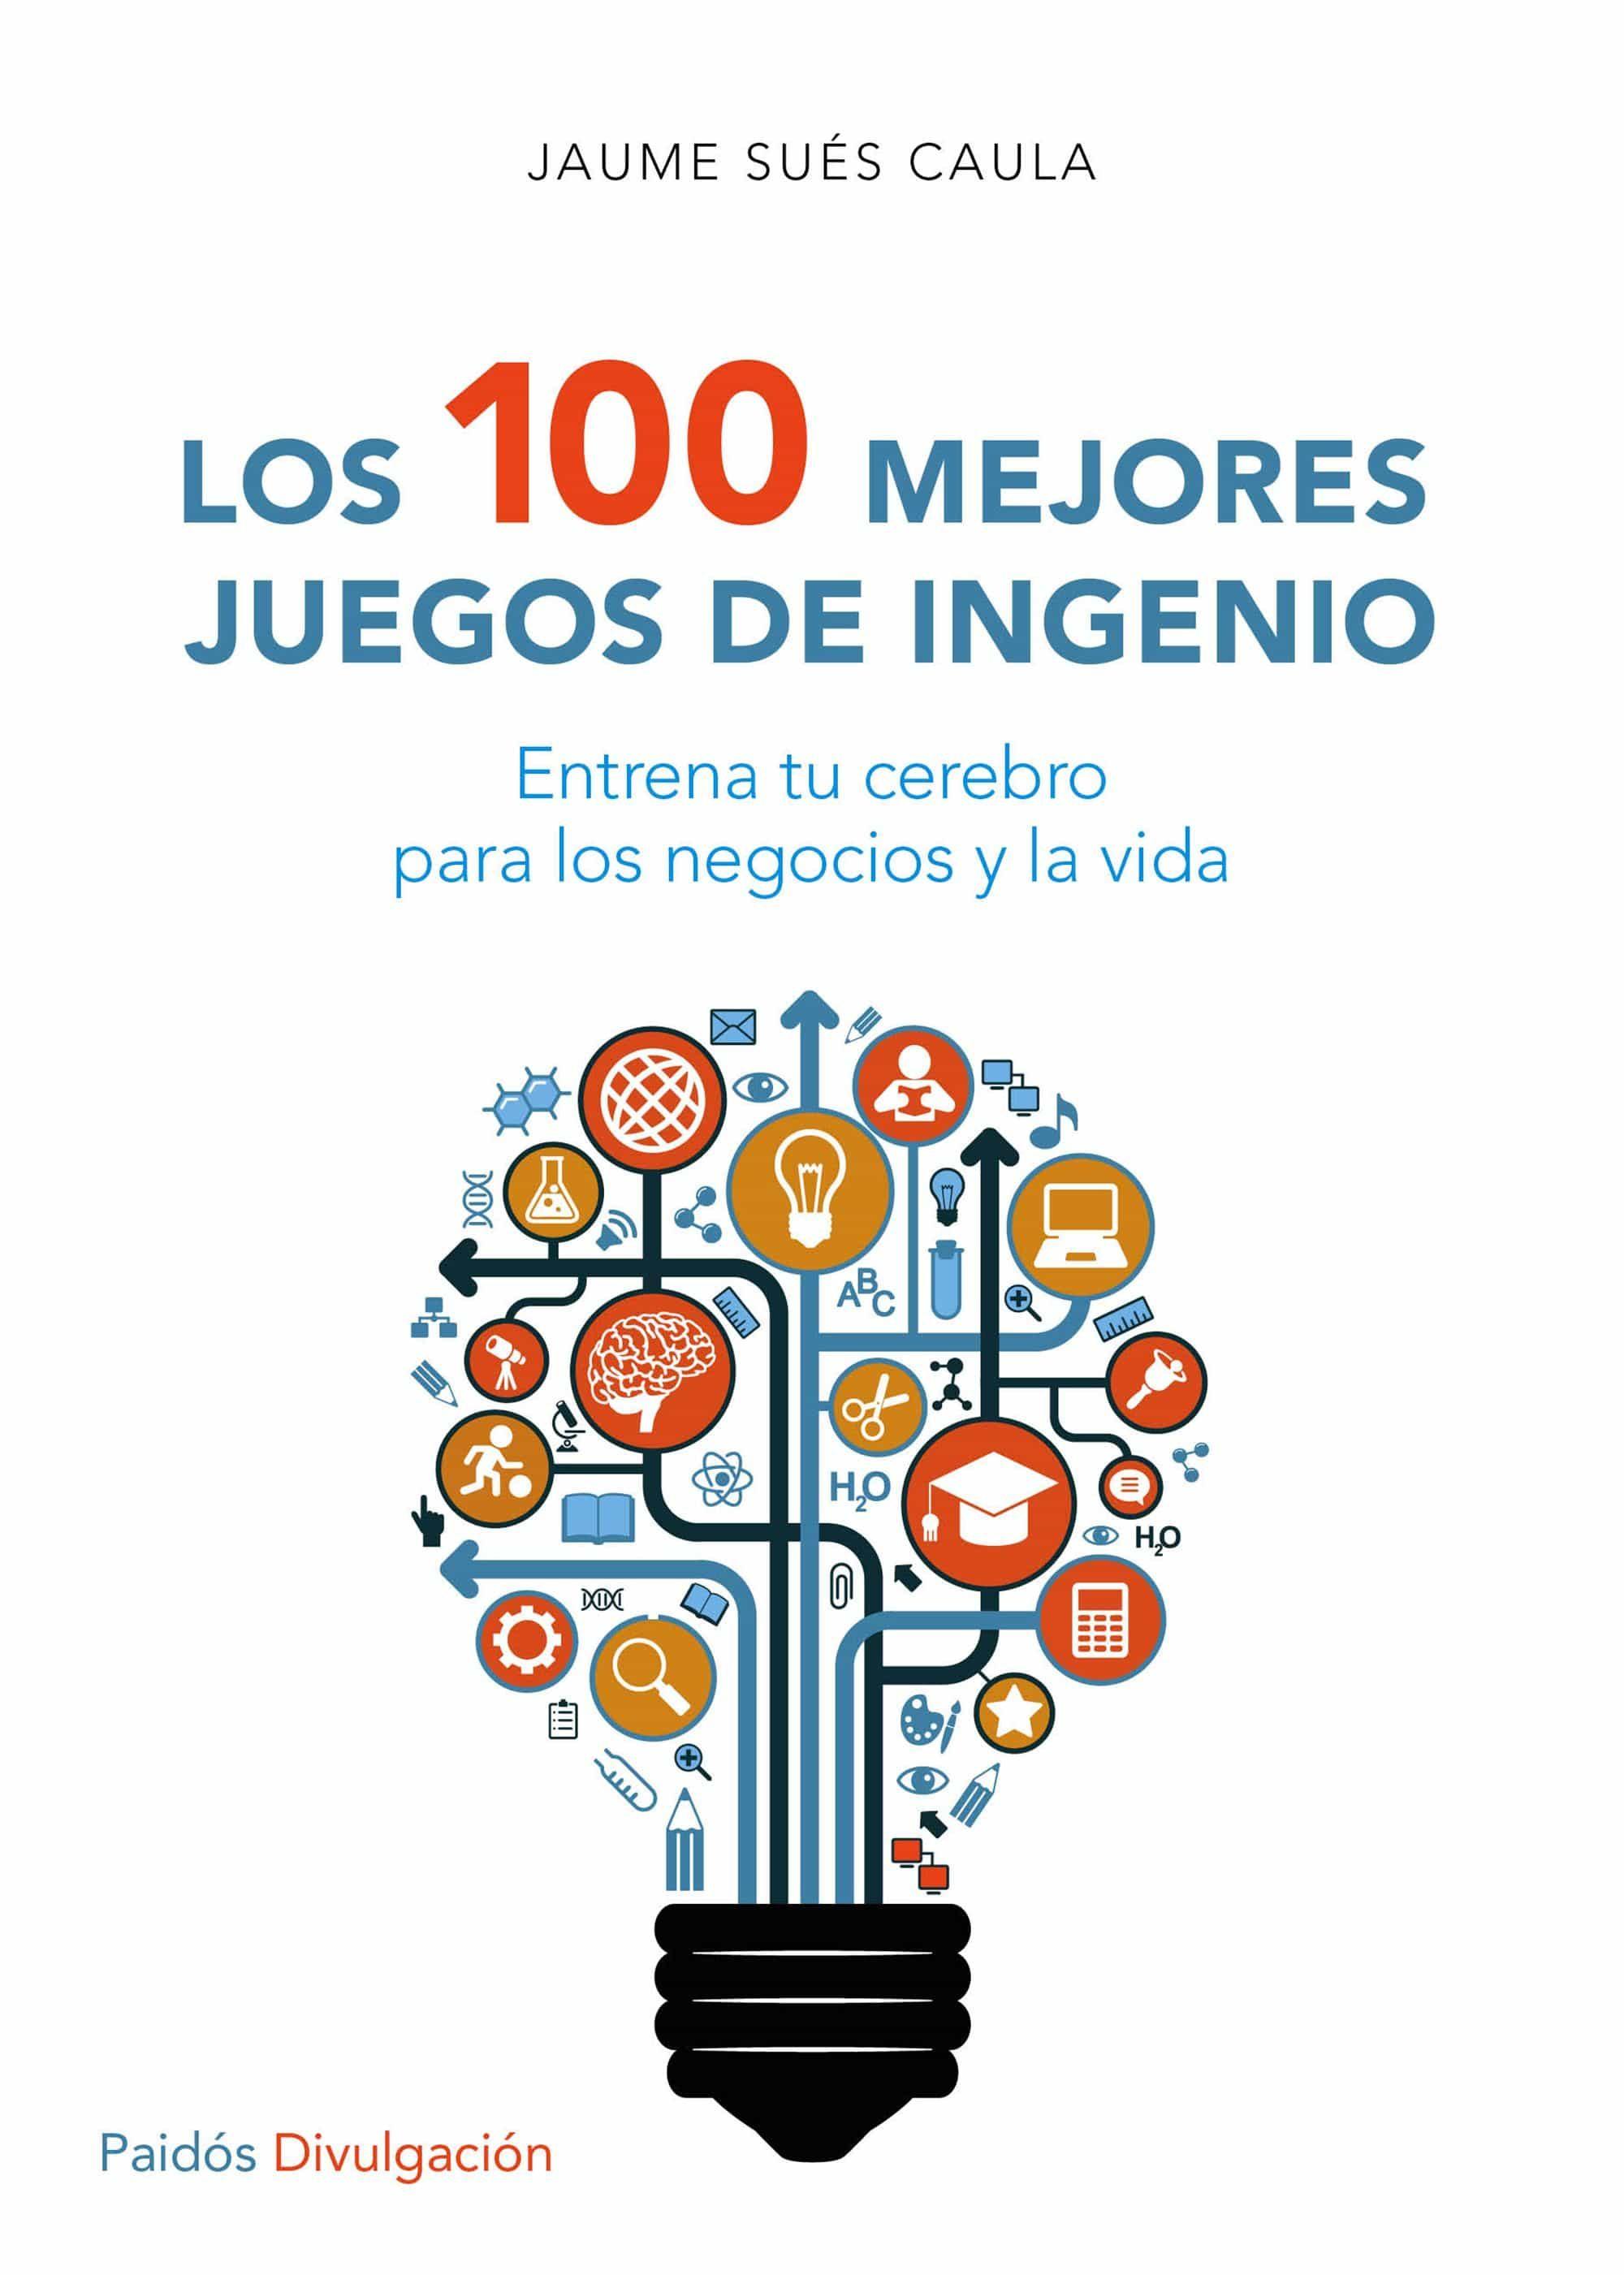 Los 100 Mejores Juegos De Ingenio por Jaume Sues Caula